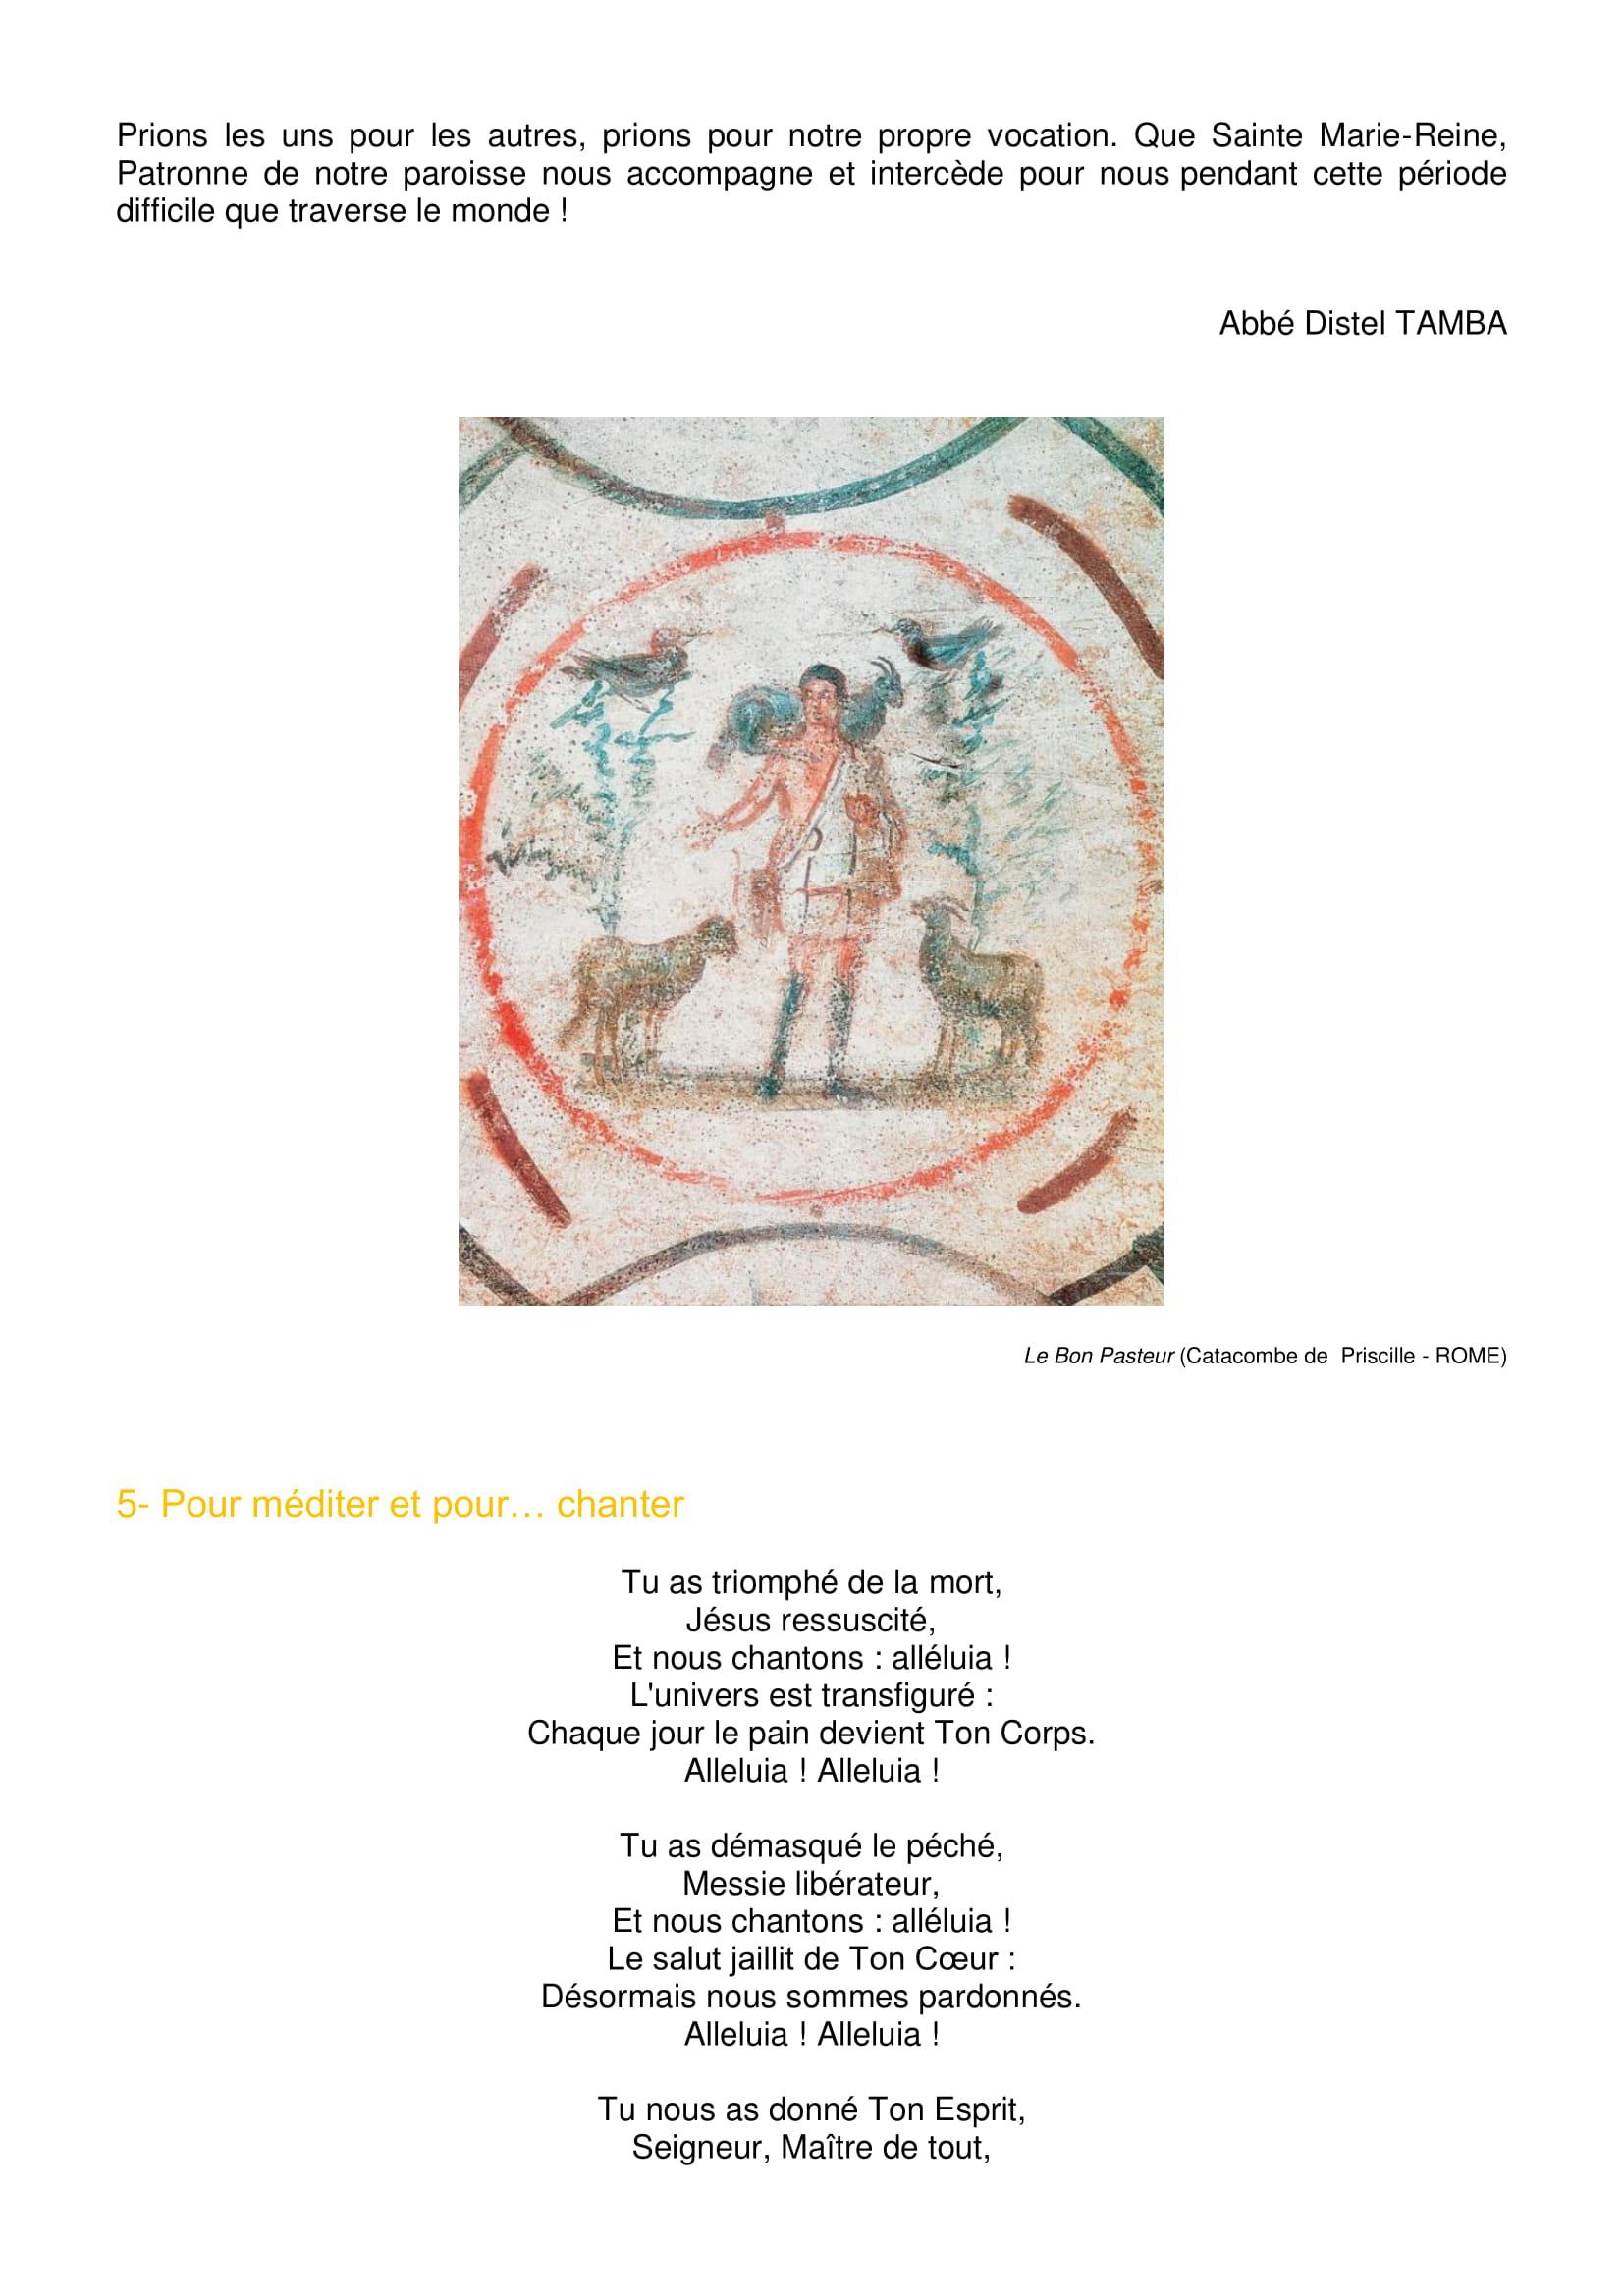 Lettre aux paroissiens - 5-4